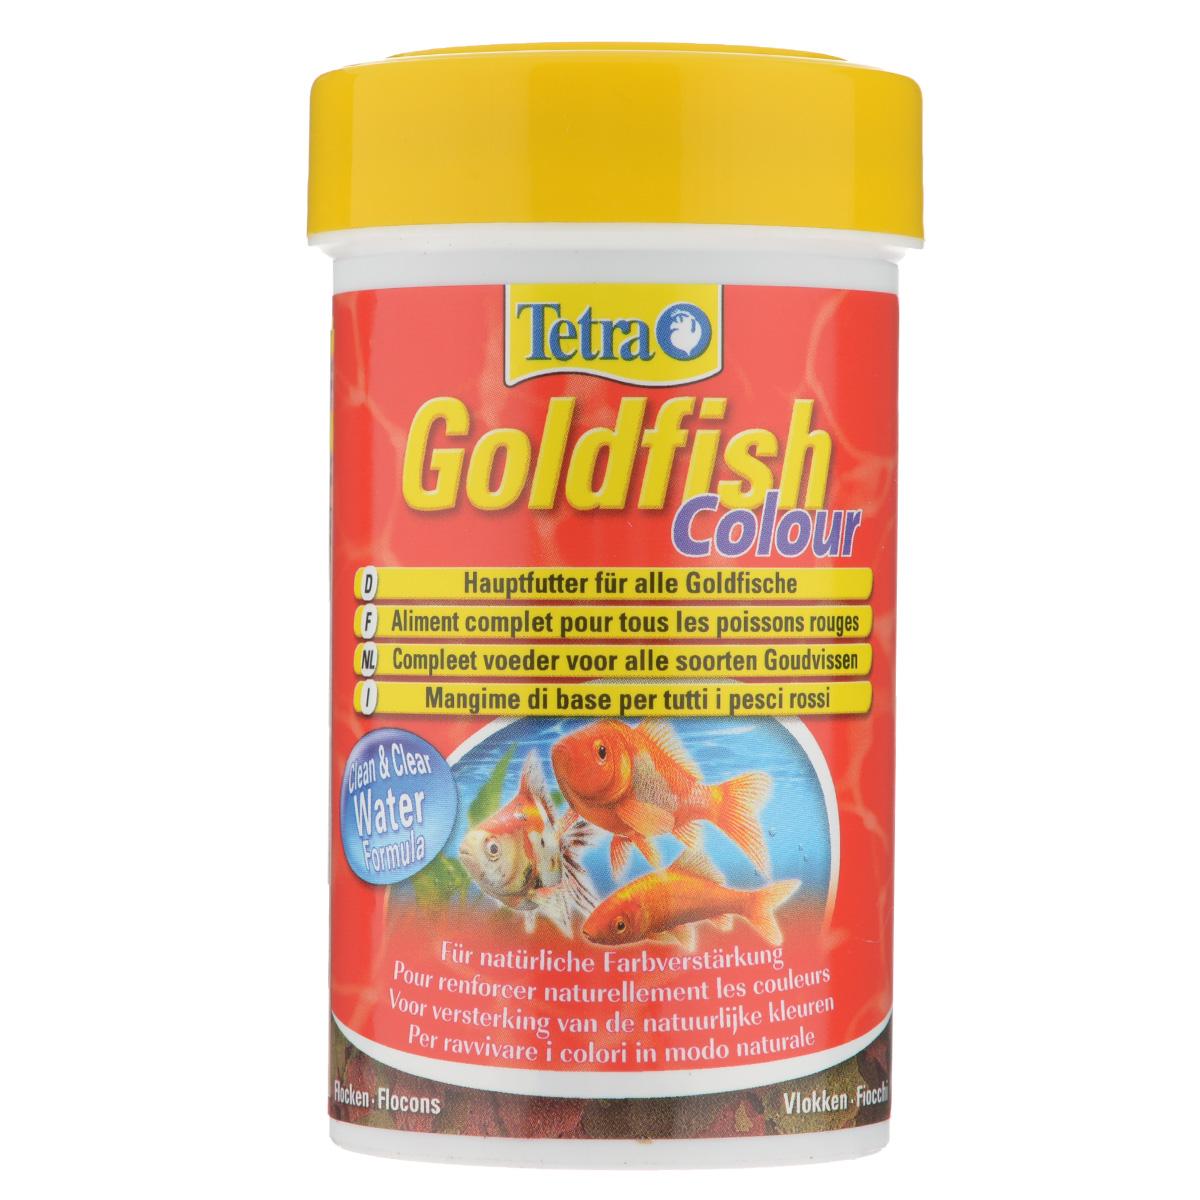 Корм Tetra Goldfish Colour для любых видов золотых рыбок, в виде хлопьев, 100 мл183742Корм Tetra Goldfish Colour - высококачественный сбалансированный питательный корм для любых видов золотых рыбок. Особенности Tetra Goldfish Colour: обогащен каротиноидами для усиления естественной окраски, с формулой Clean & Clear Water для чистой и прозрачной воды и запатентованной формулой BioActive - для продолжительной и здоровой жизни ваших питомцев. Рекомендации по кормлению: кормить несколько раз в день маленькими порциями. Характеристики: Состав: рыба и побочные рыбные продукты, зерновые культуры, дрожжи, экстракты растительного белка, моллюски и раки, масла и жиры, водоросли, сахар. Пищевая ценность: сырой белок - 43%, сырые масла и жиры - 11%, сырая клетчатка - 2%, влага - 6%. Добавки: витамины, провитамины и химические вещества с аналогичным воздействием: витамин А 29360 МЕ/кг, витамин Д3 1830 МЕ/кг. Комбинации элементов: Е5 Марганец 29 мг/кг, Е6 Цинк 17 мг/кг,...